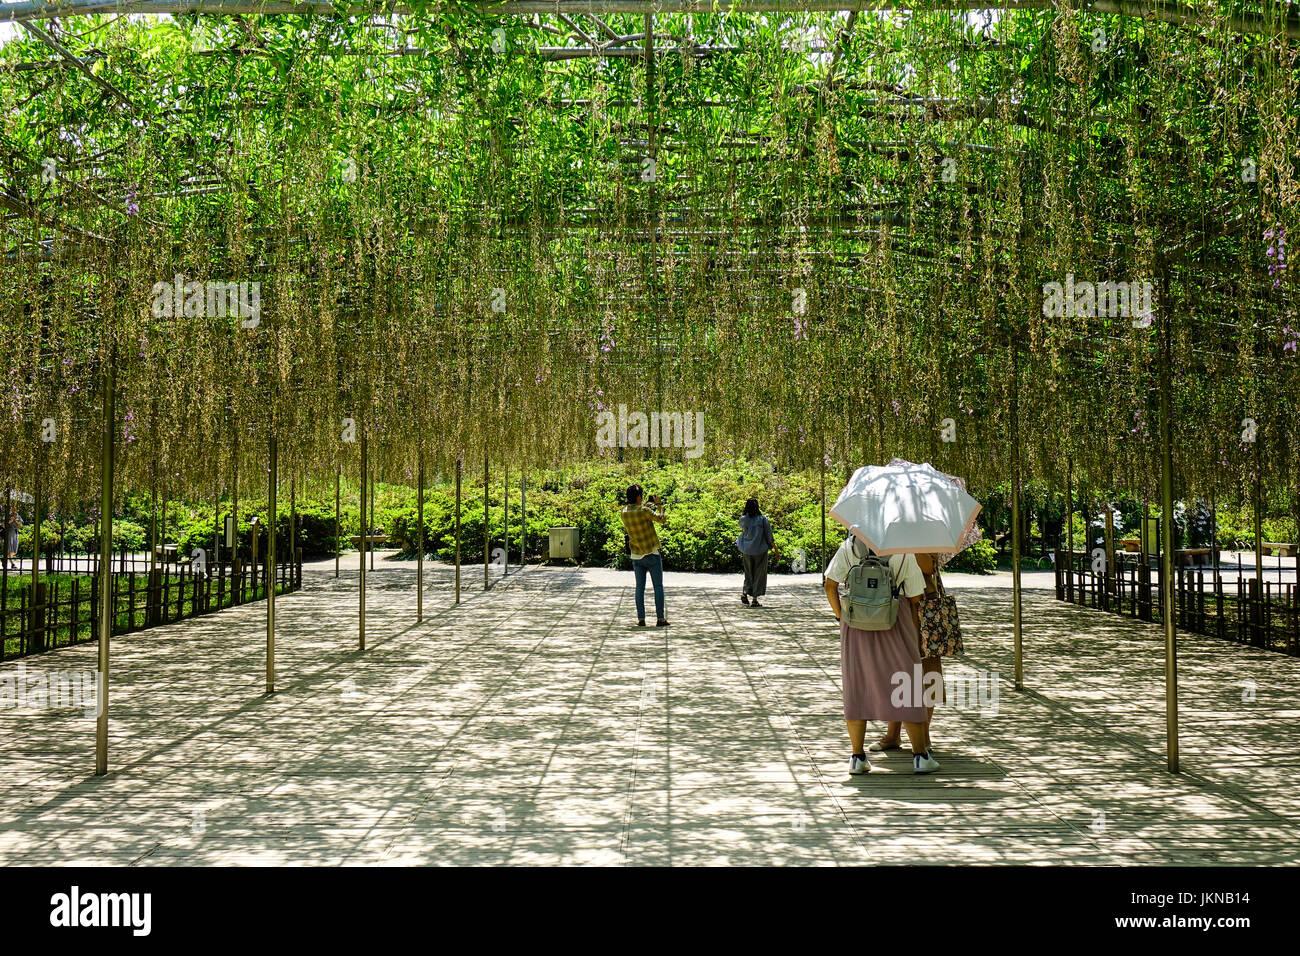 Ashikaga, Japan - May 20, 2017. People walking at wisteria garden at Ashikaga Flower Park in sunny day. The park - Stock Image